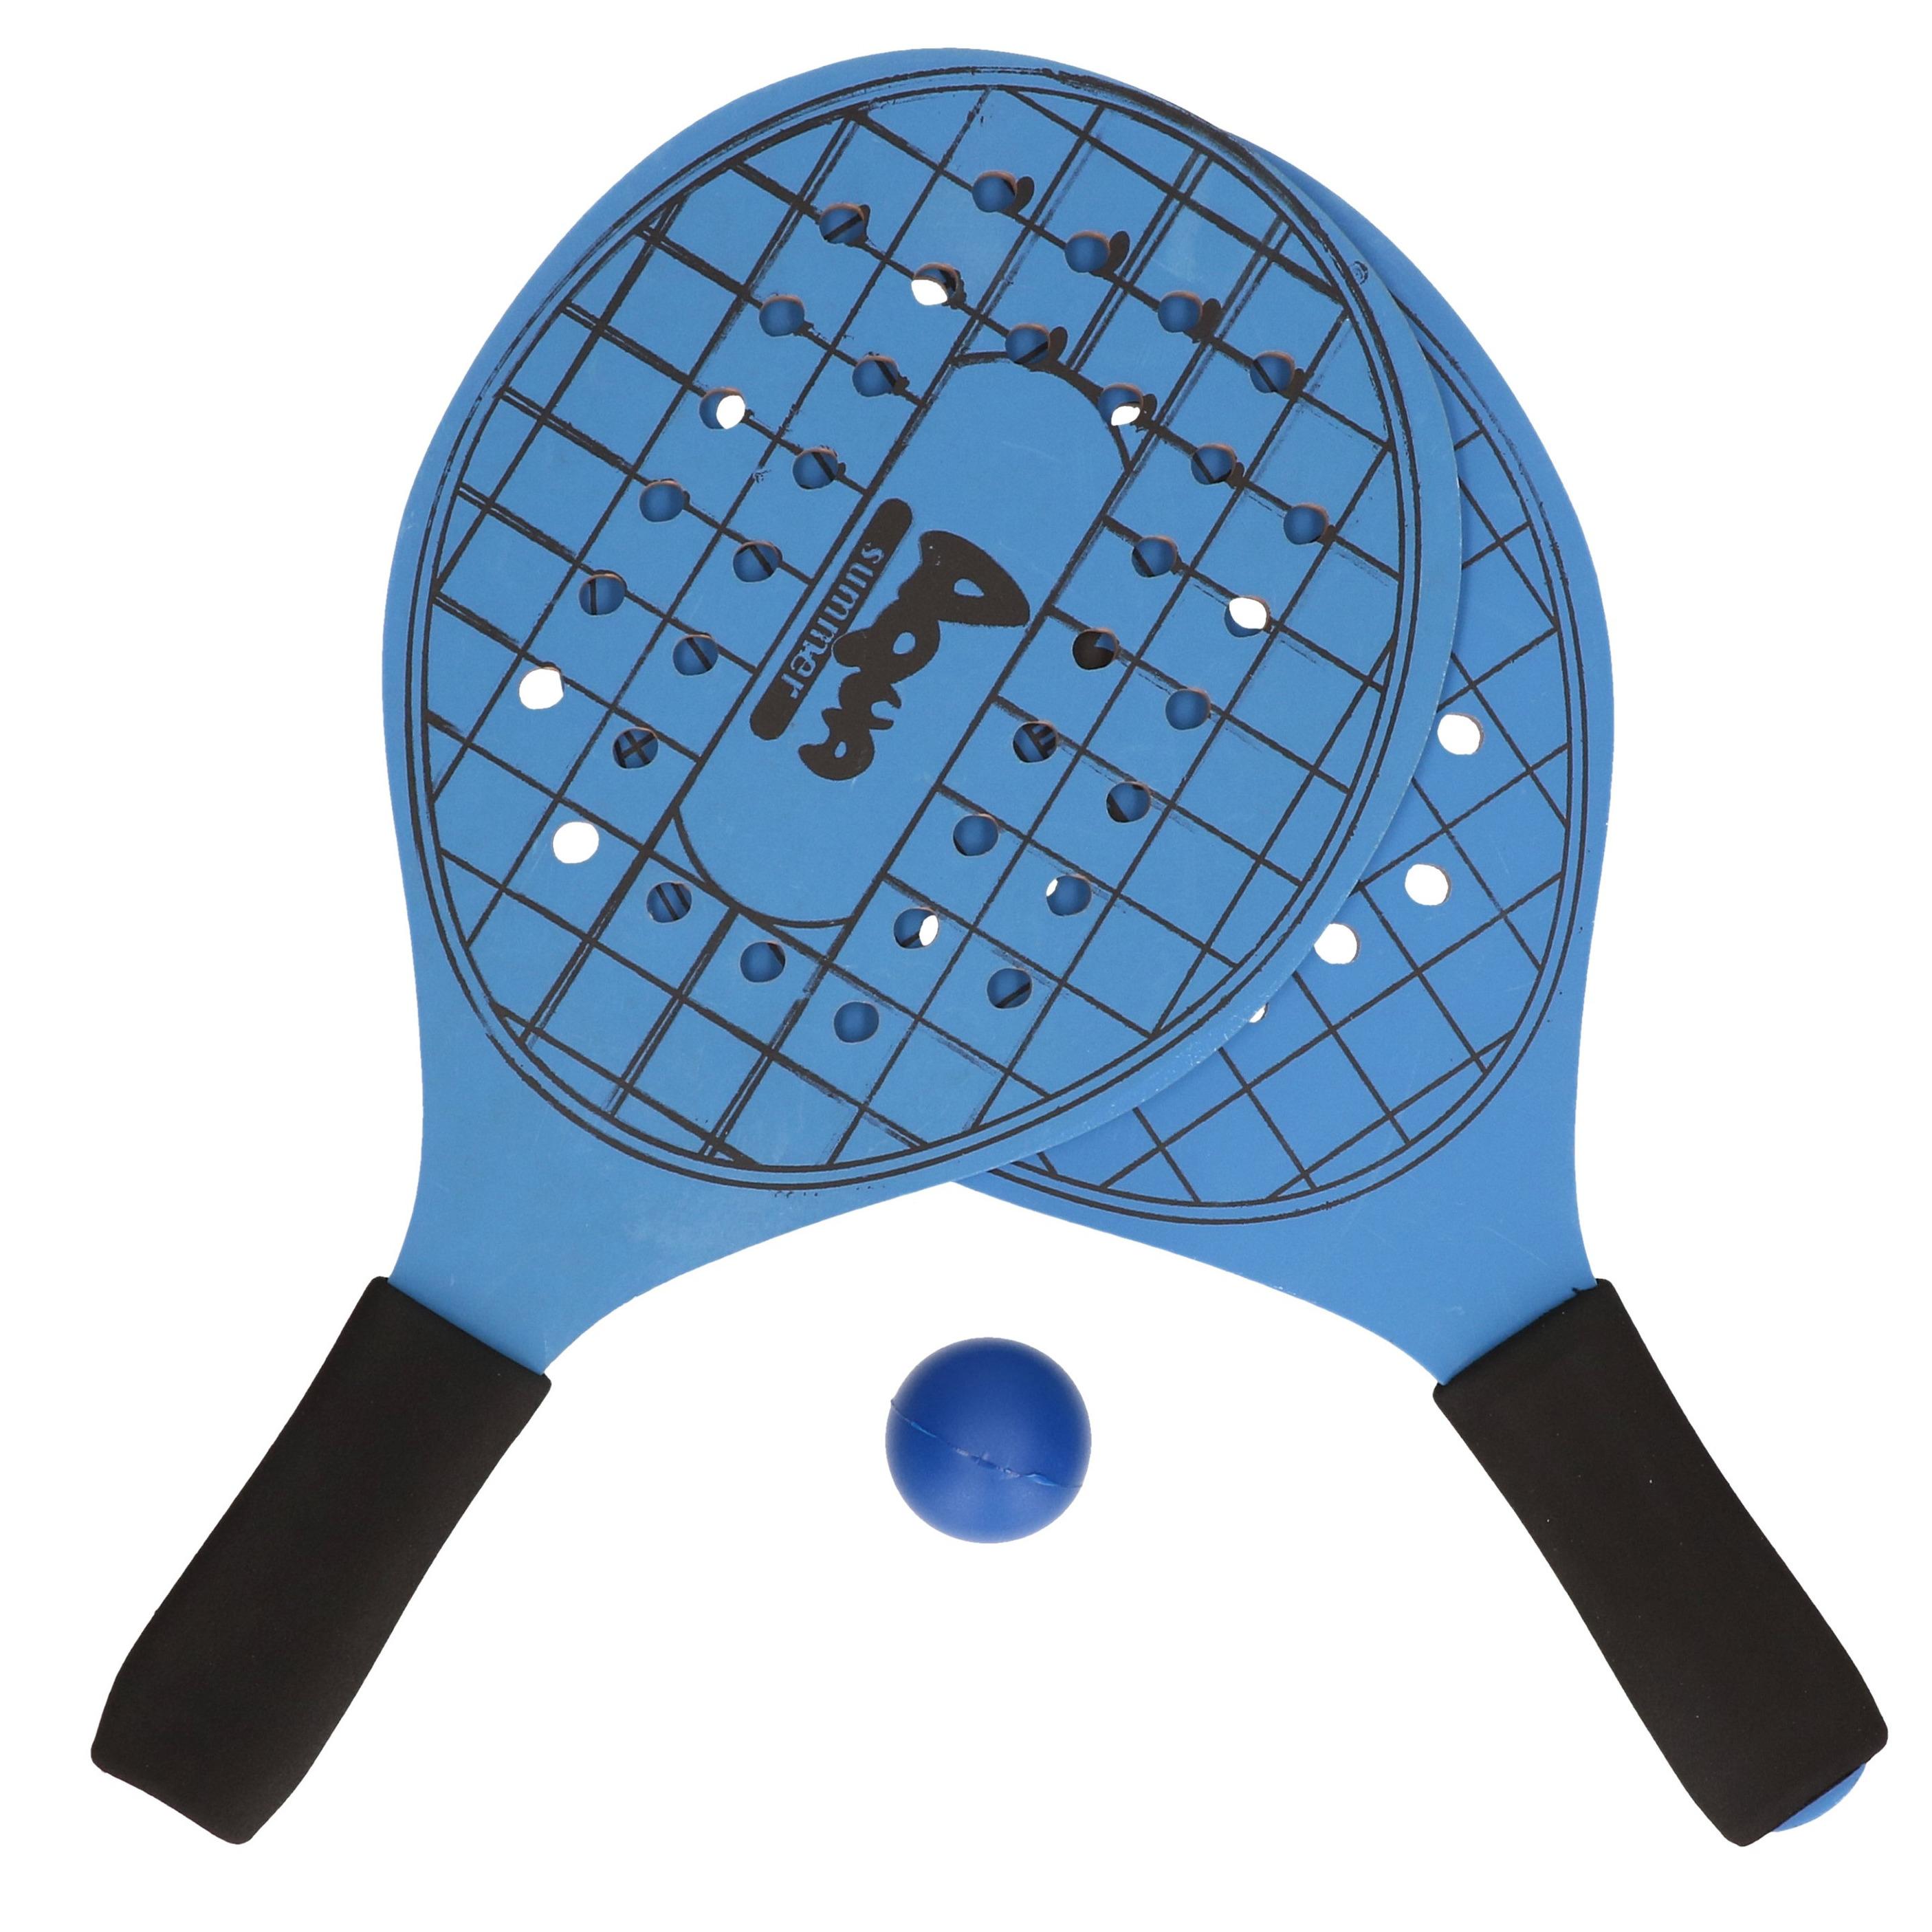 Actief speelgoed tennis beachball setje blauw met tennisracketmotief